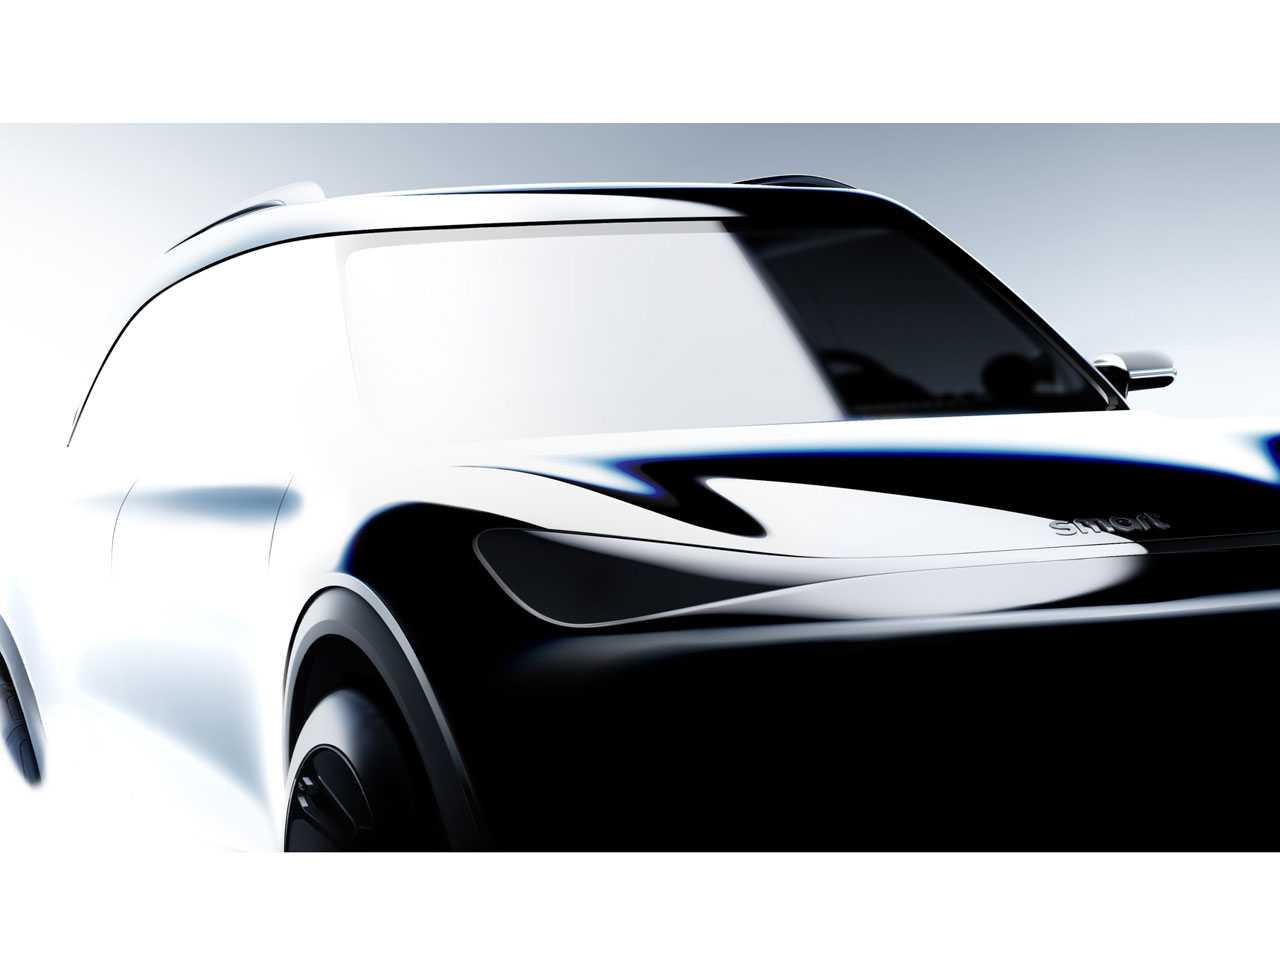 O inédito Smart SUV: plataforma da sócia Geely